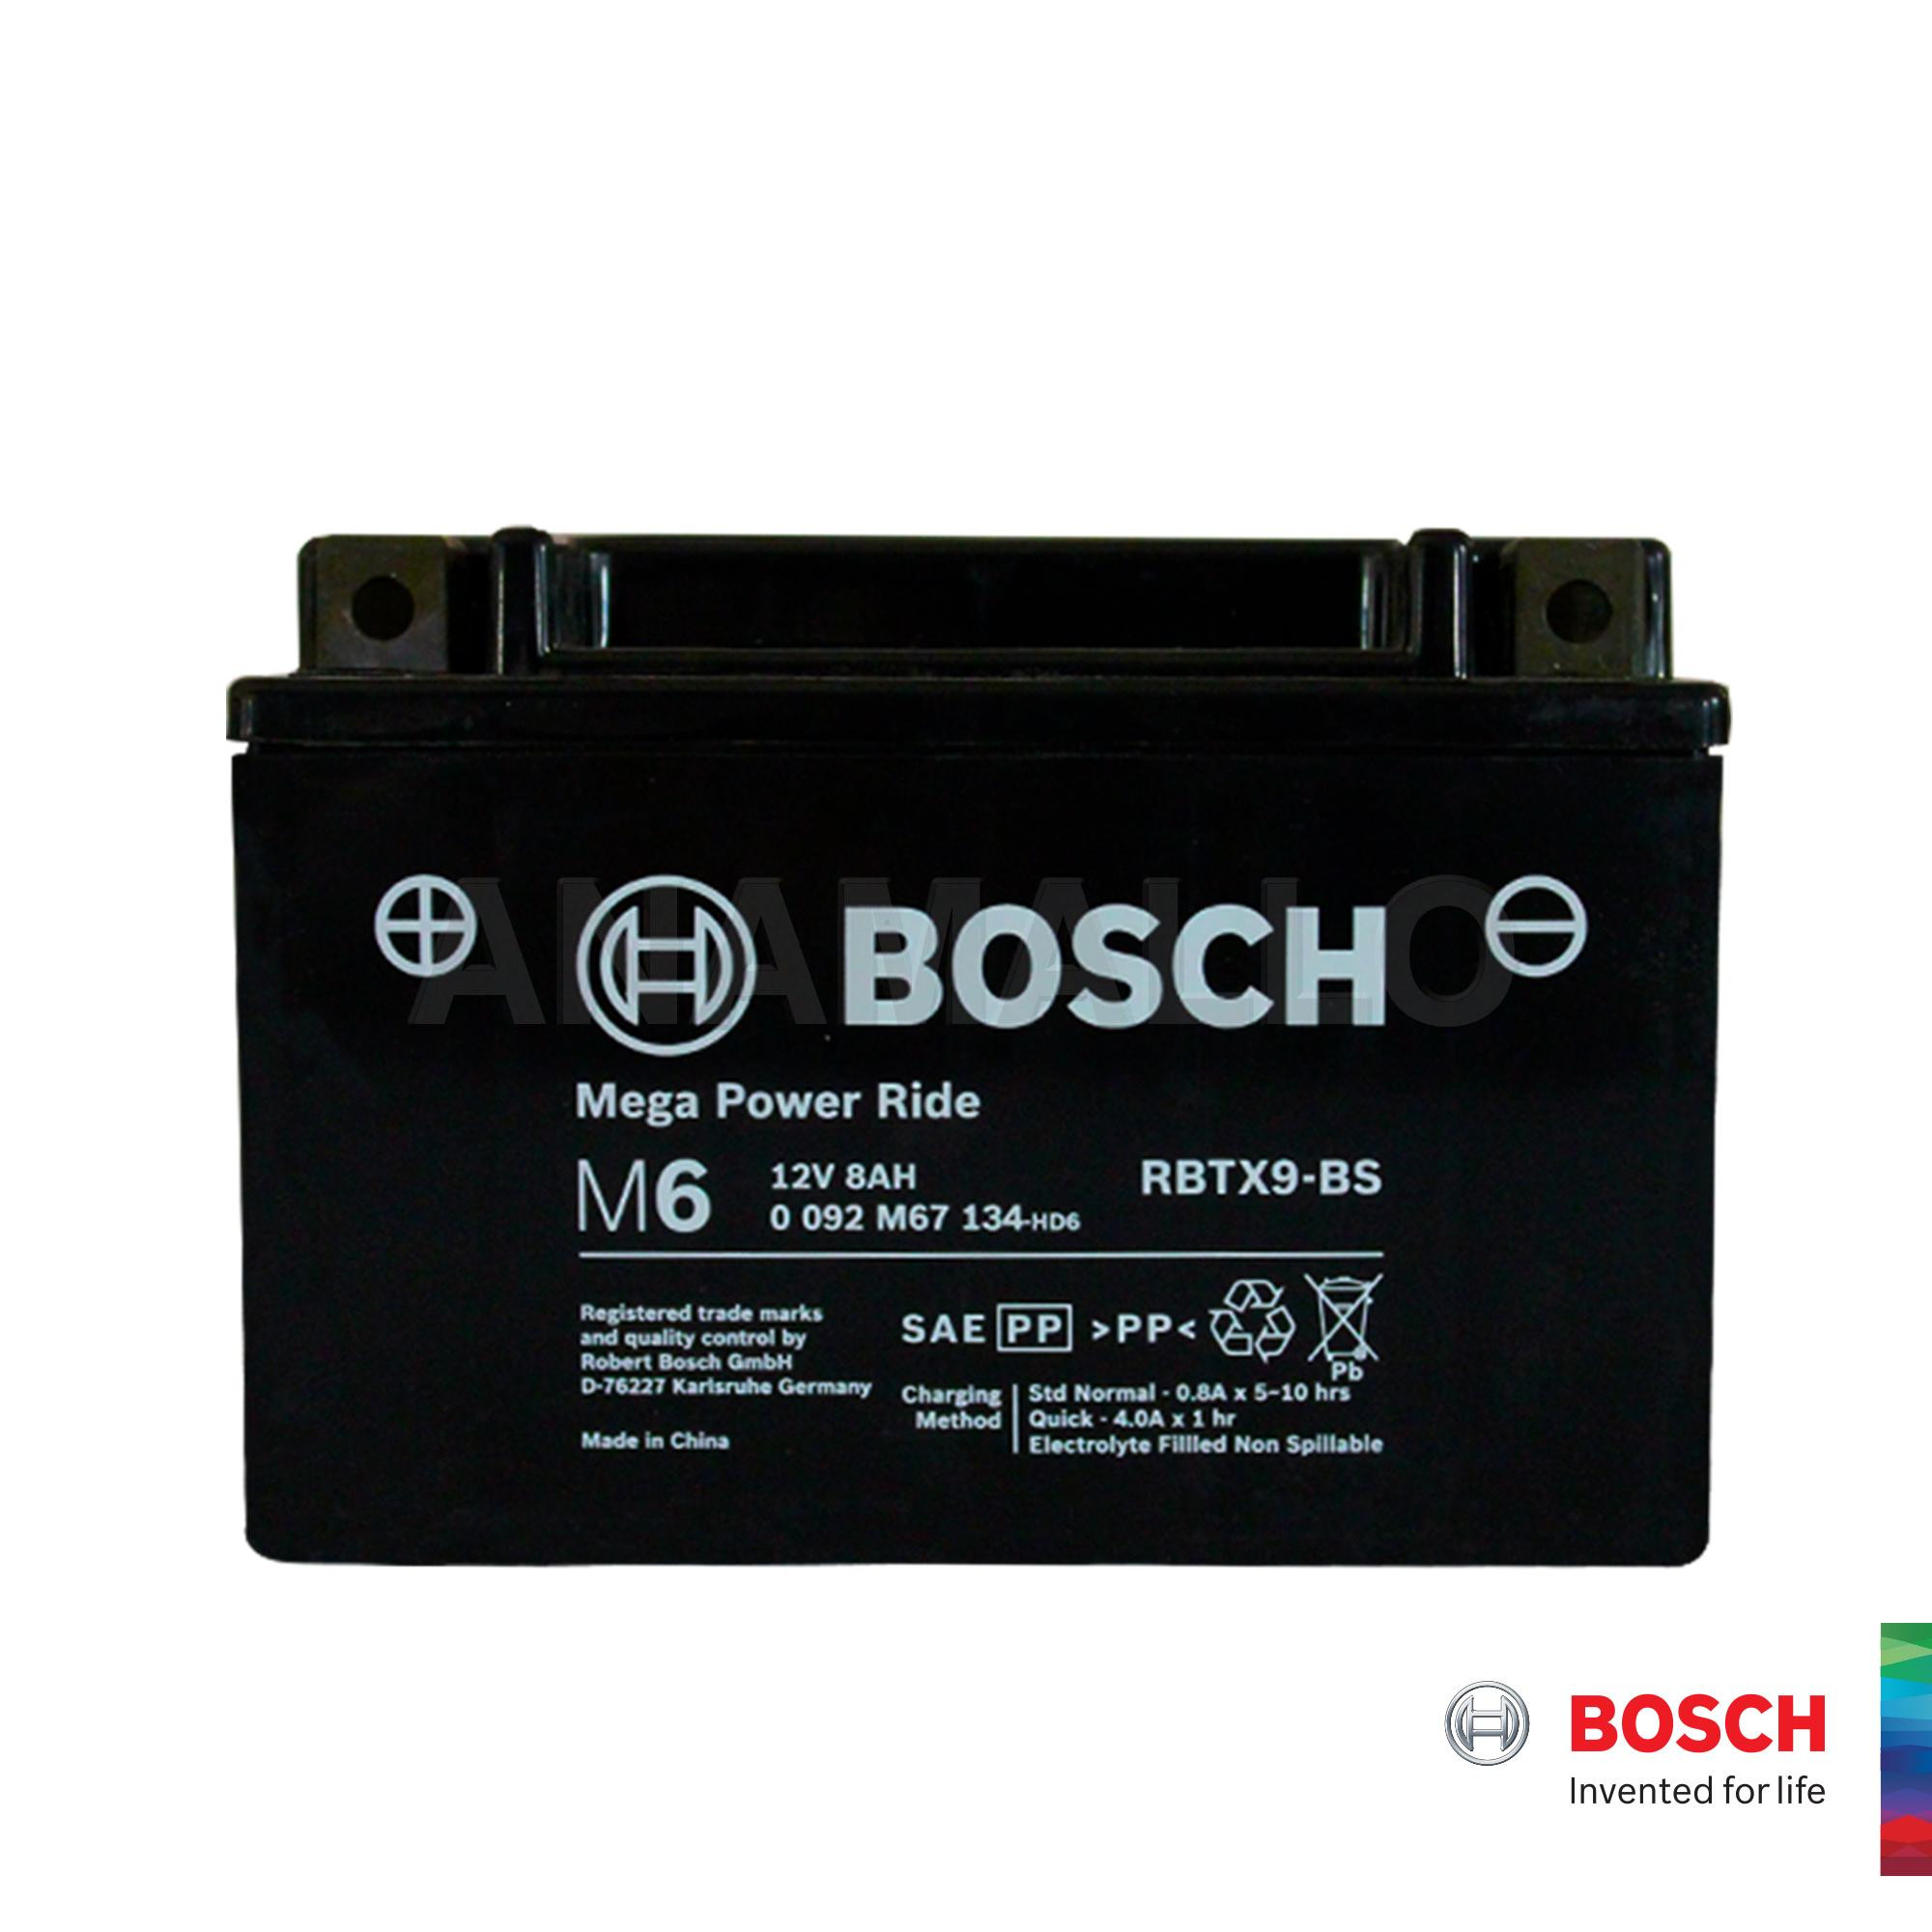 Bosch Motorcycle Battery M6 Mega Power Ride Rbtx9 Bs 12v 8ah Ytx9 Bs Lazada Ph